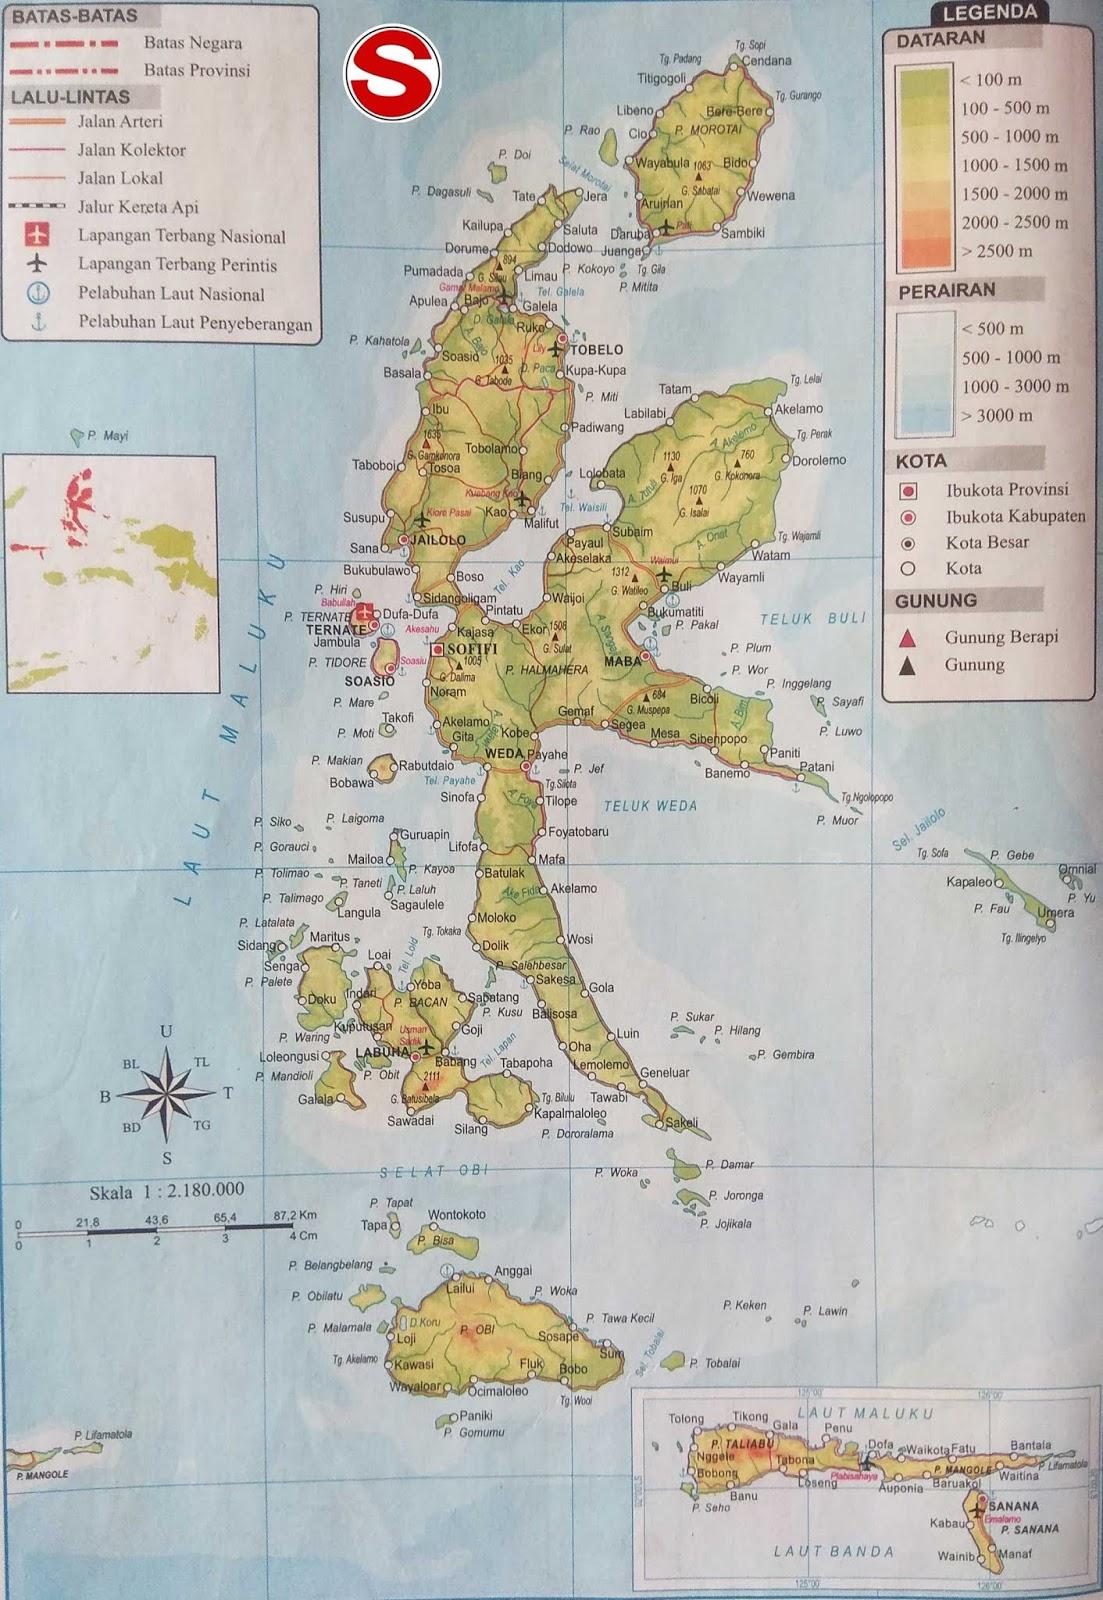 Peta Atlas Provinsi Maluku Utara di bawah ini mencakup peta dataran Peta Atlas Provinsi Maluku Utara